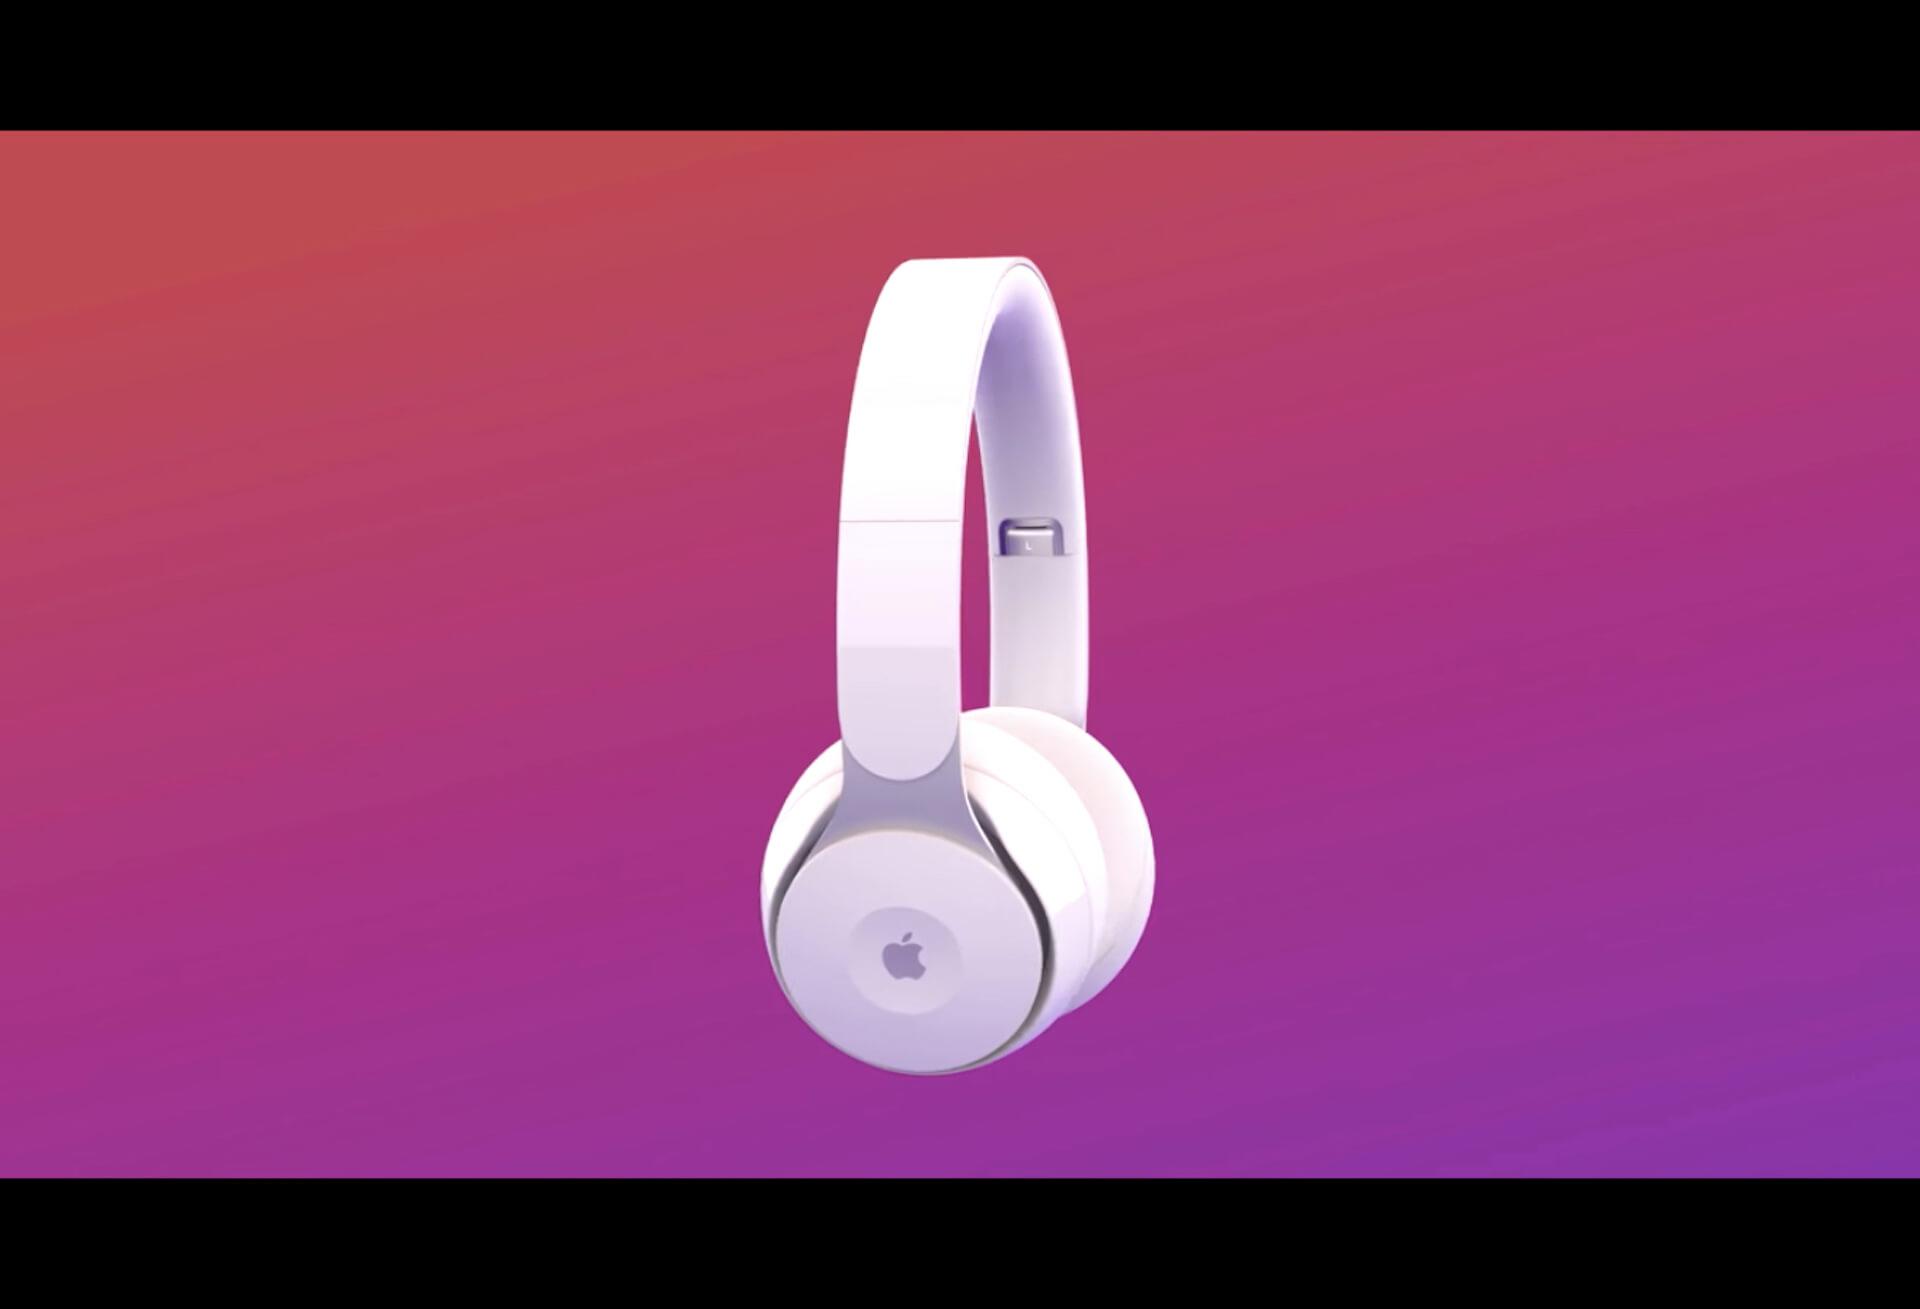 Apple初のオーバーイヤーヘッドホンAirPods Studioは発表間近?今年6月に大量生産開始か tech200520_airpodsstudio_main